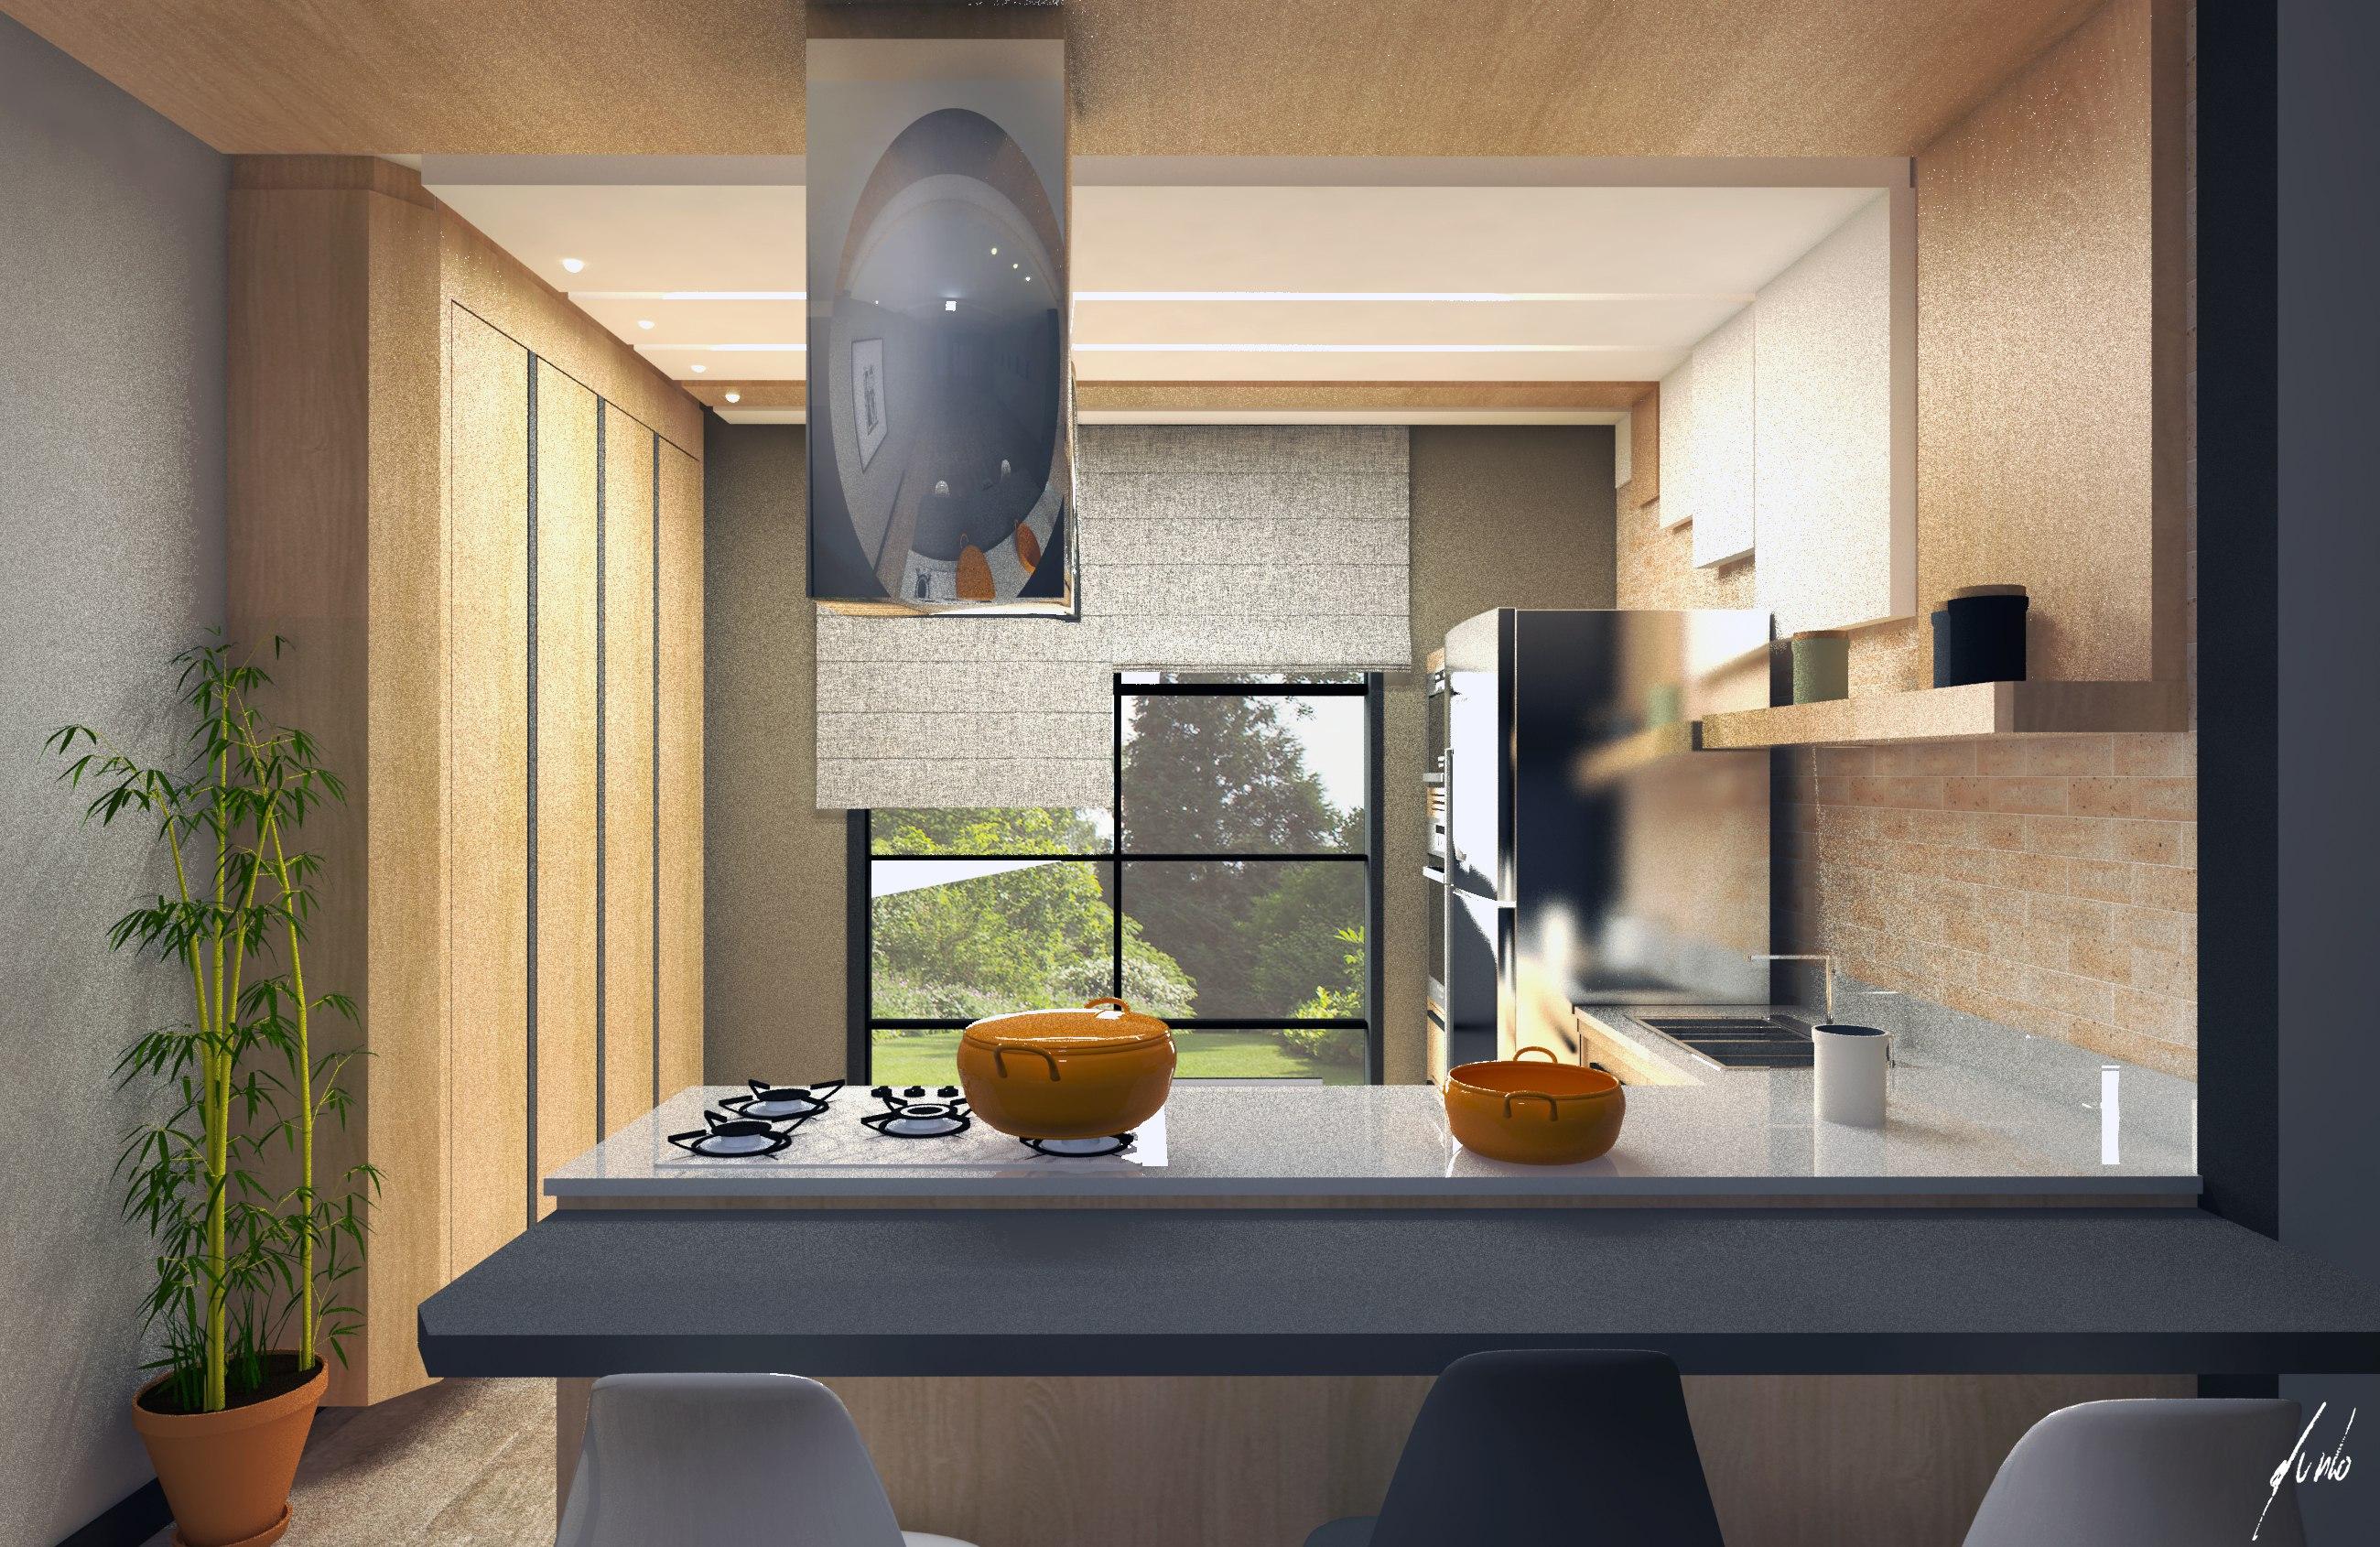 Design de interiores quanto custa um projeto?-Cozinha moderna, minimalista, com ilha, em cinza e madeirados de tons quentes - Projeto de design por Murilo Zadulski - Designer de interiores em curitiba - img0105